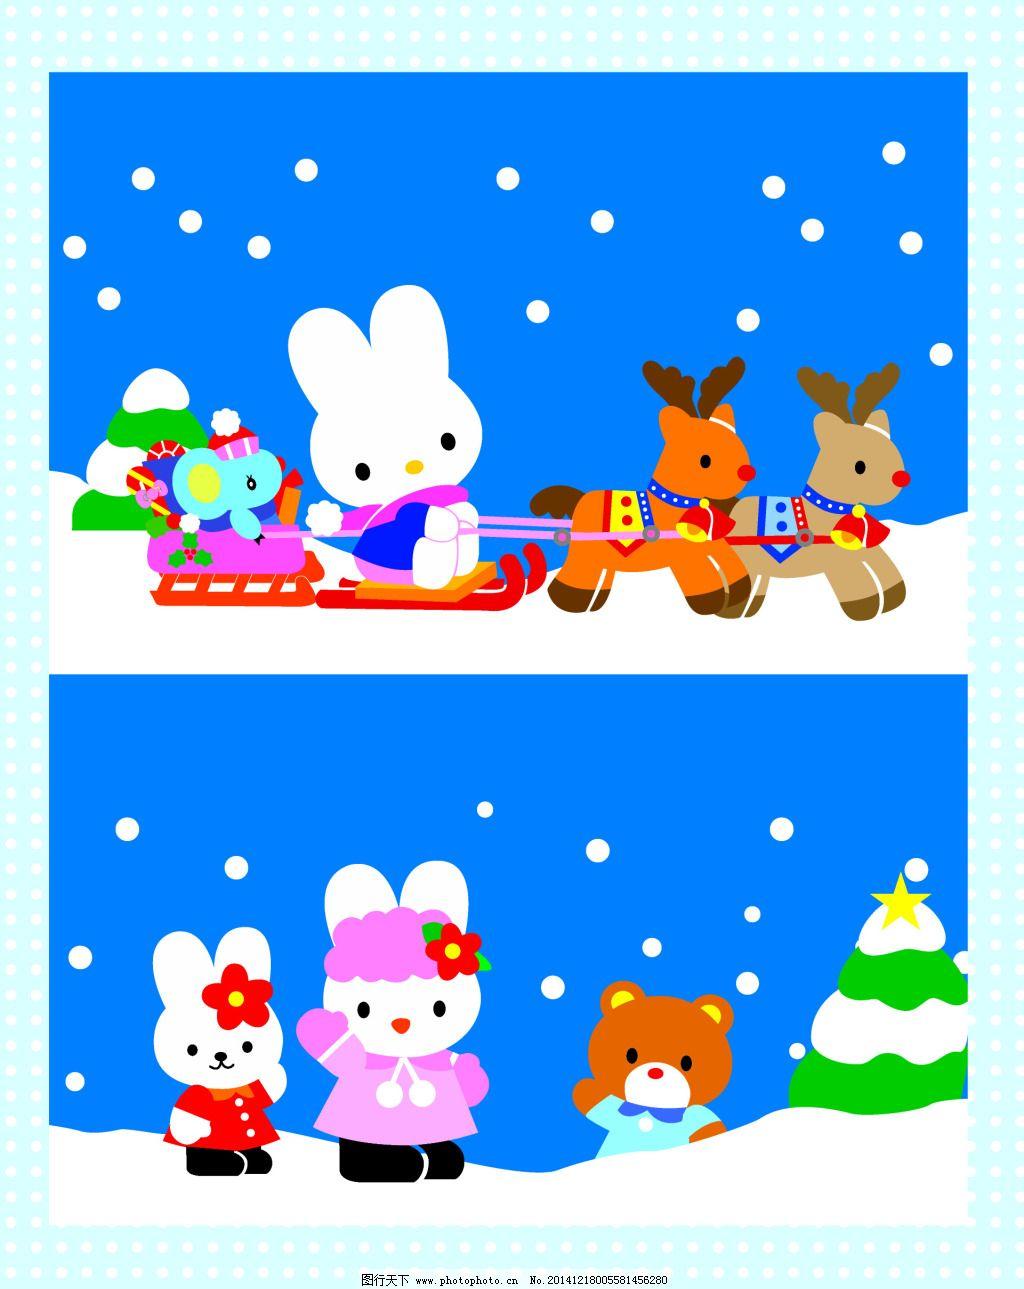 卡通装饰图免费下载 卡通小兔 小熊 雪地 卡通小兔 小熊 小鹿拉雪橇